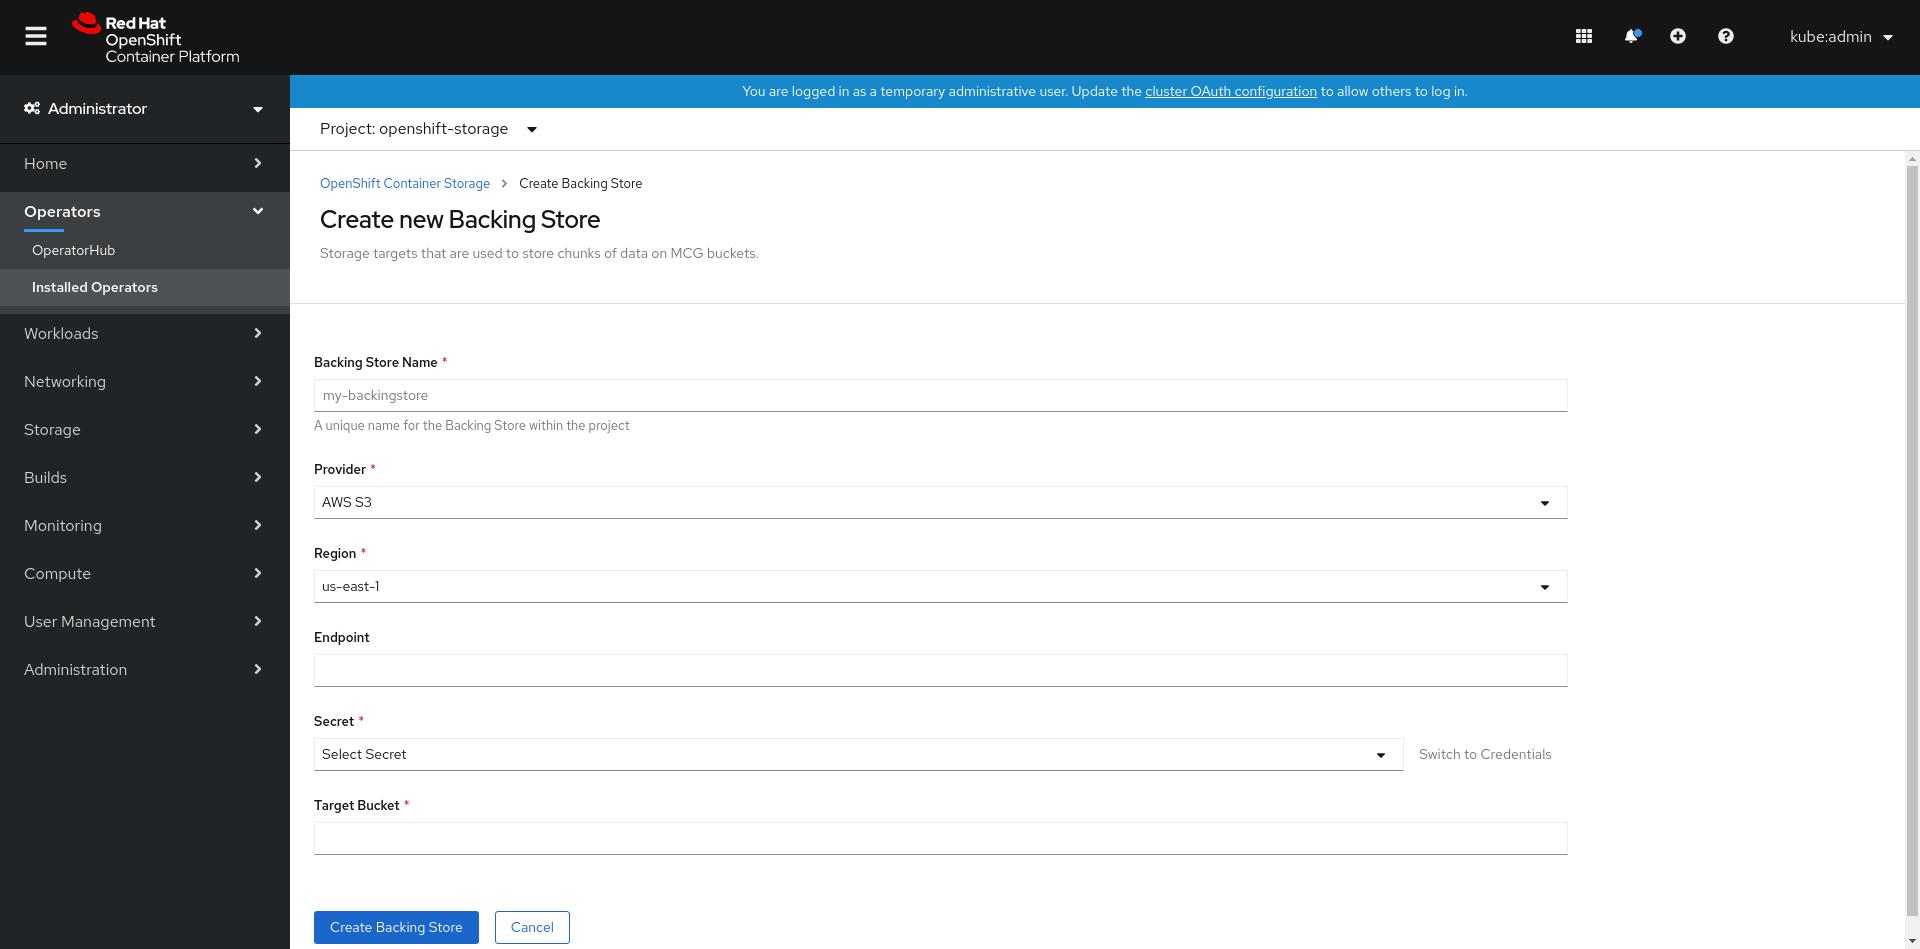 创建新后备存储页面的屏幕截图.